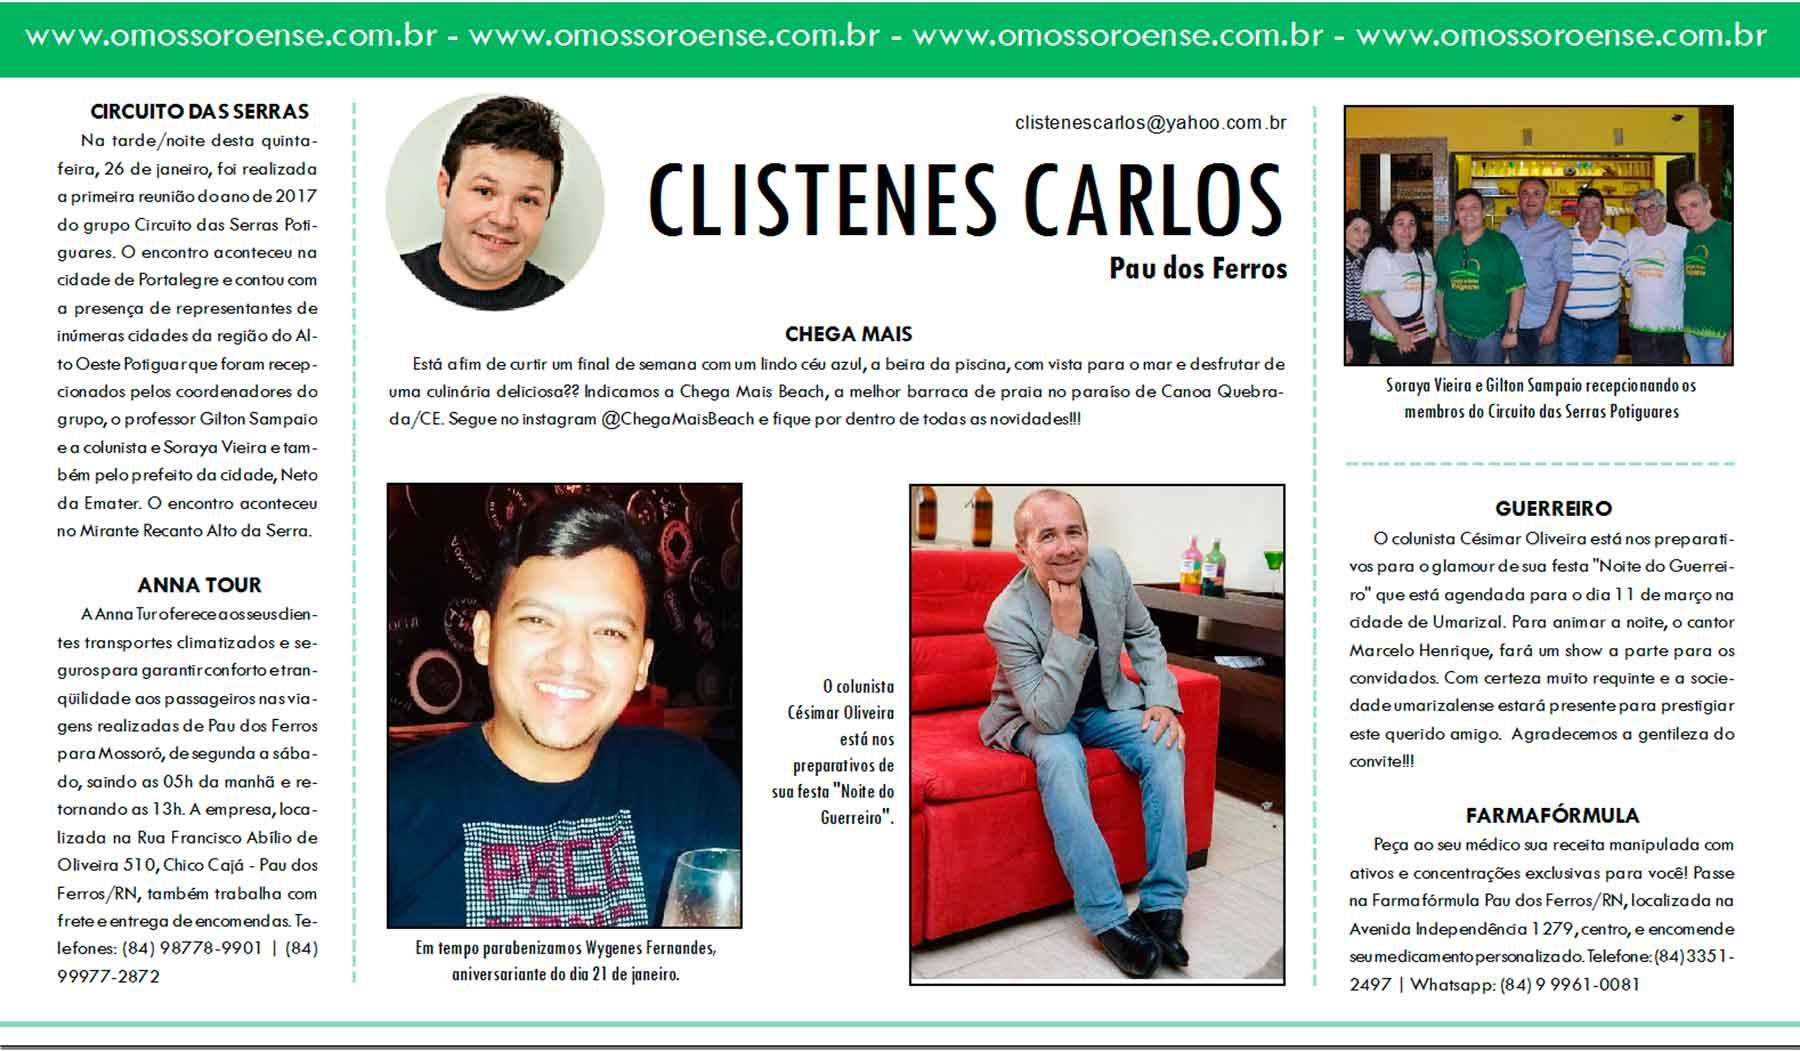 CLISTENES-CARLOS